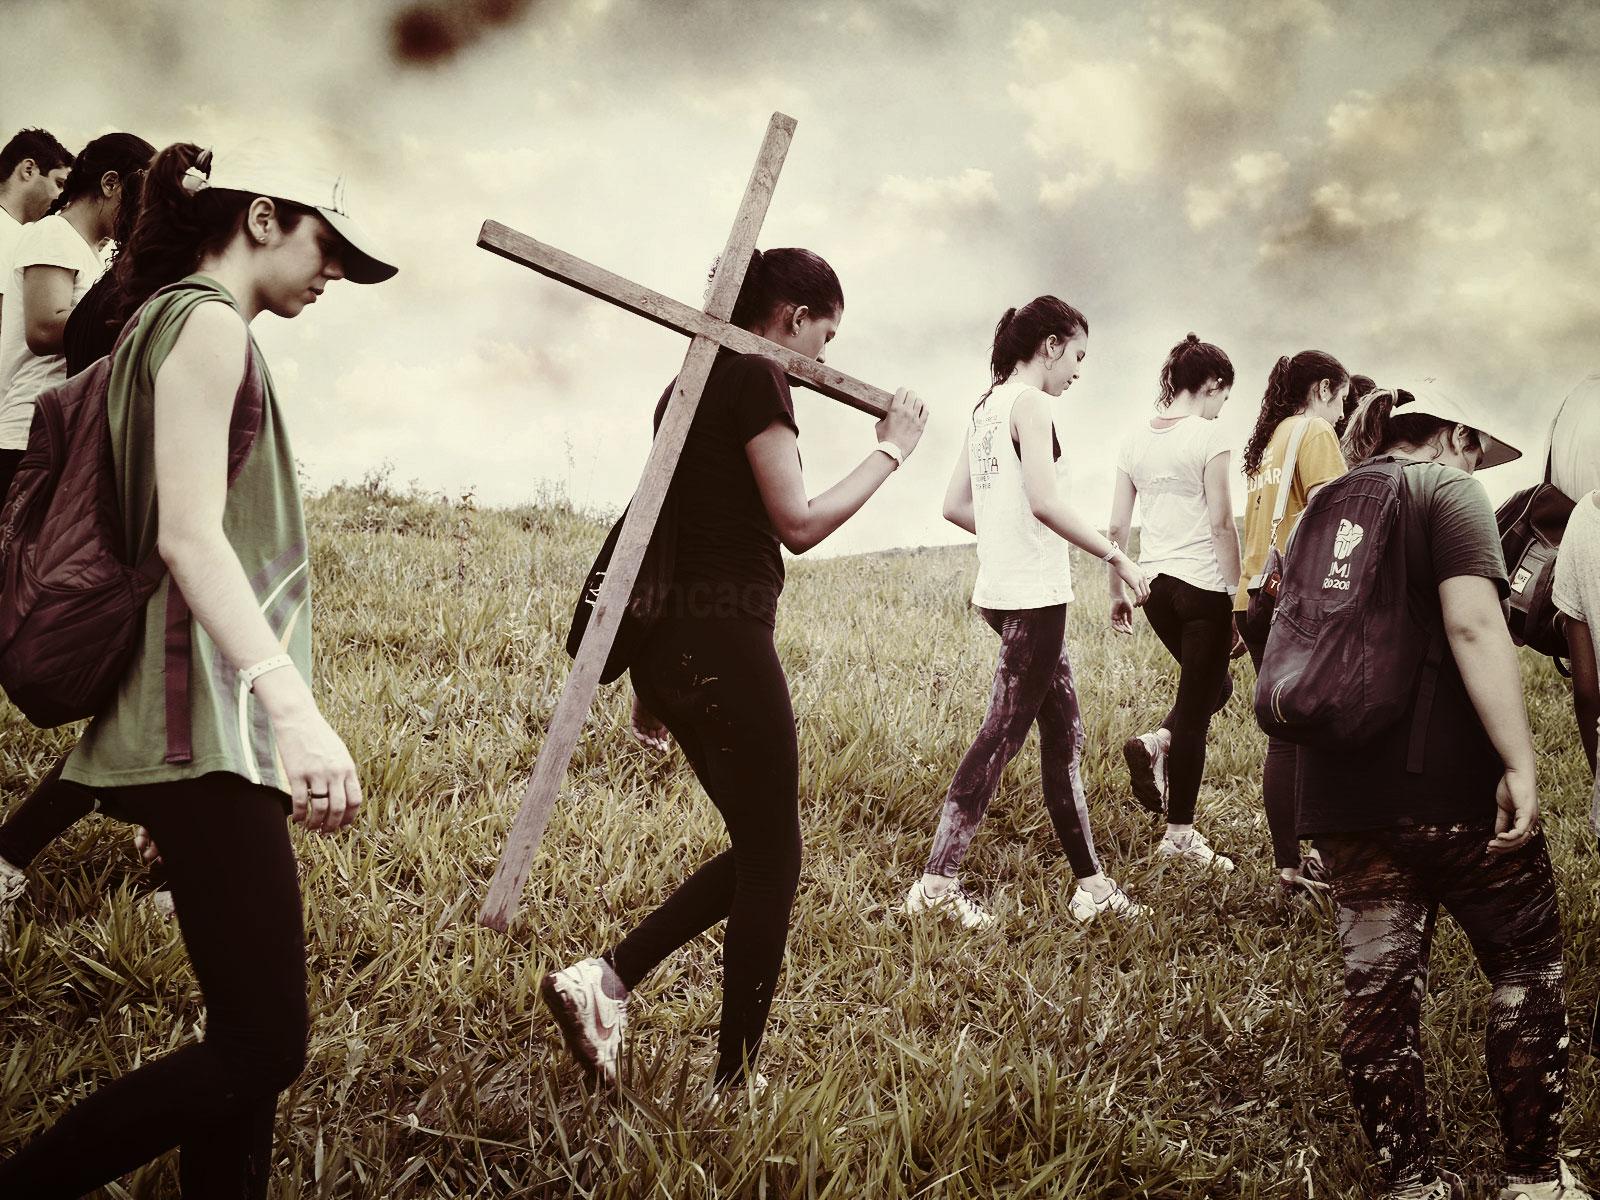 -Os-desafios-enfrentados-pelos-cristãos-no-dia-a-dia-